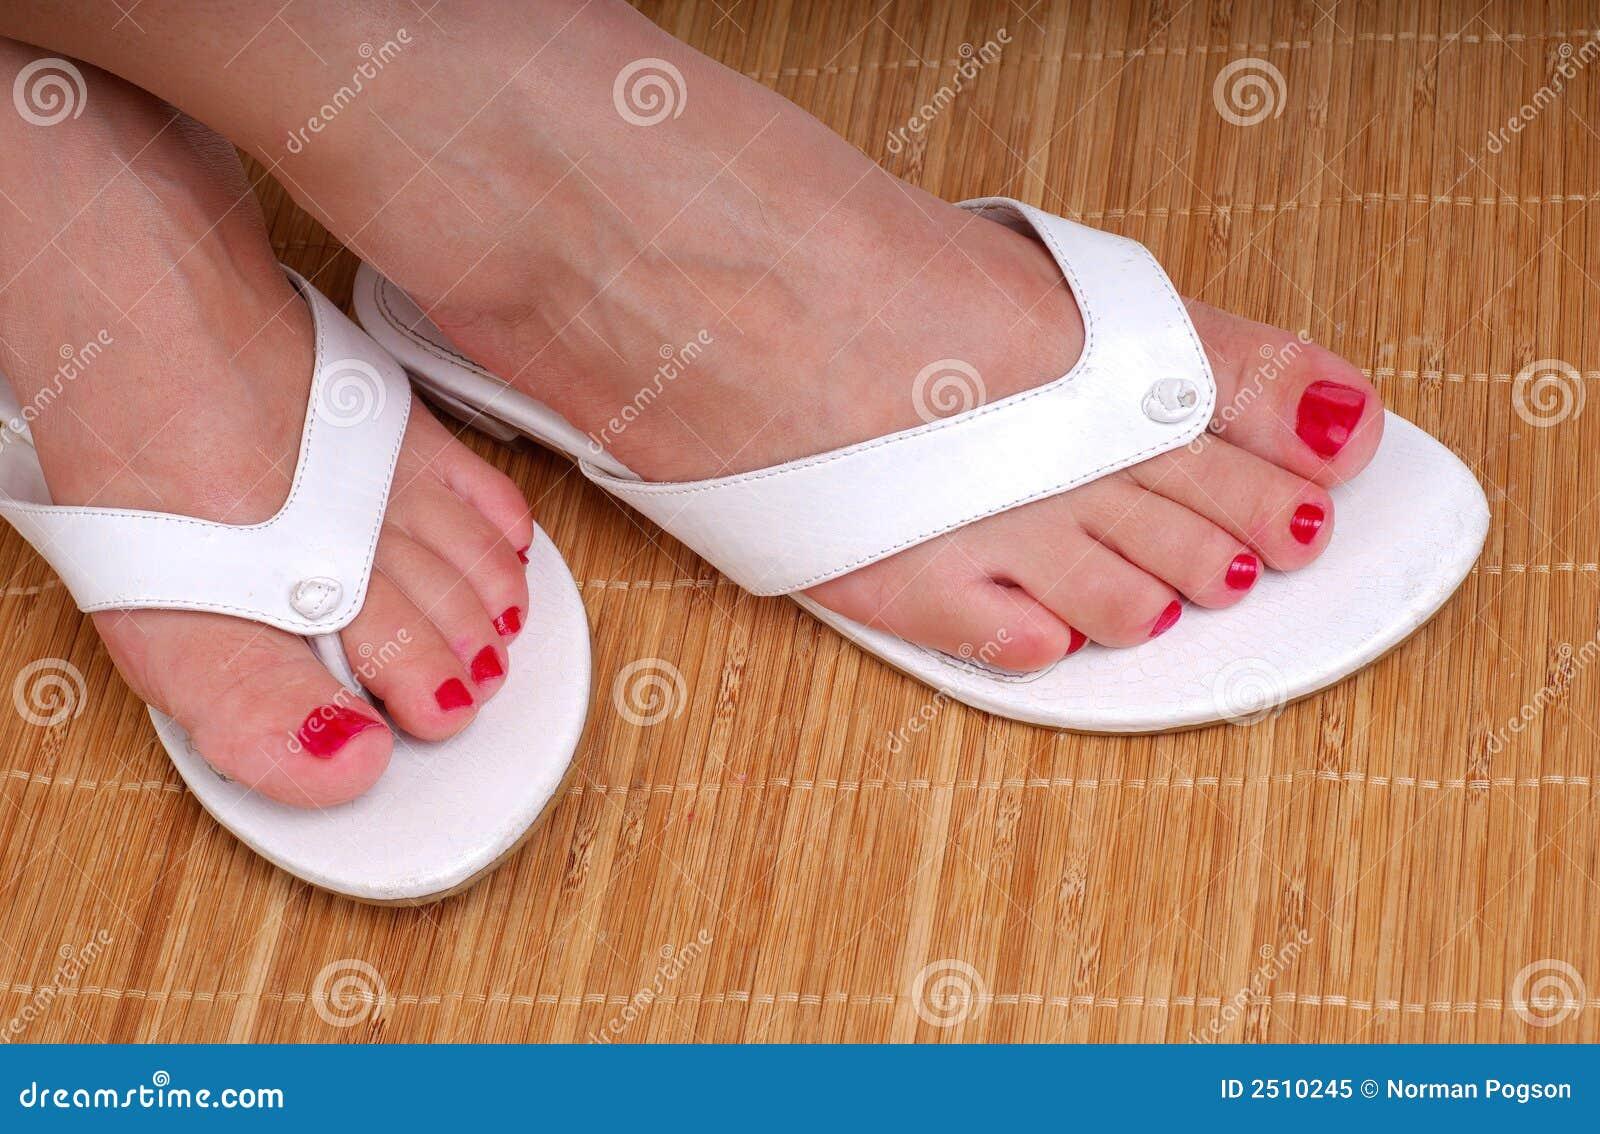 Feet At The Spa